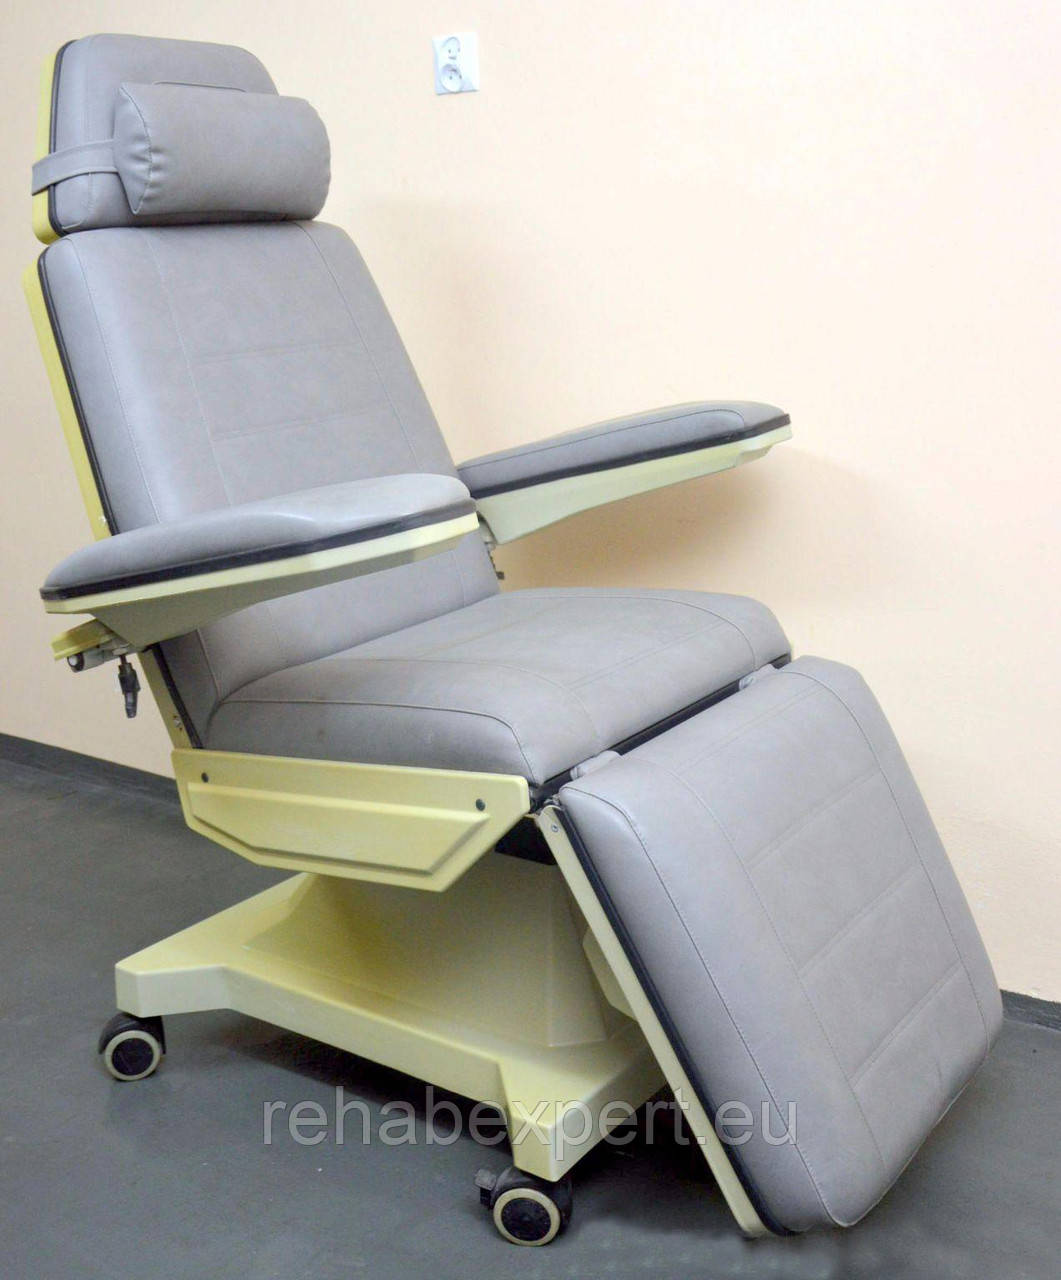 Универсальное комфортное Кресло для диализа kercher medical bionic